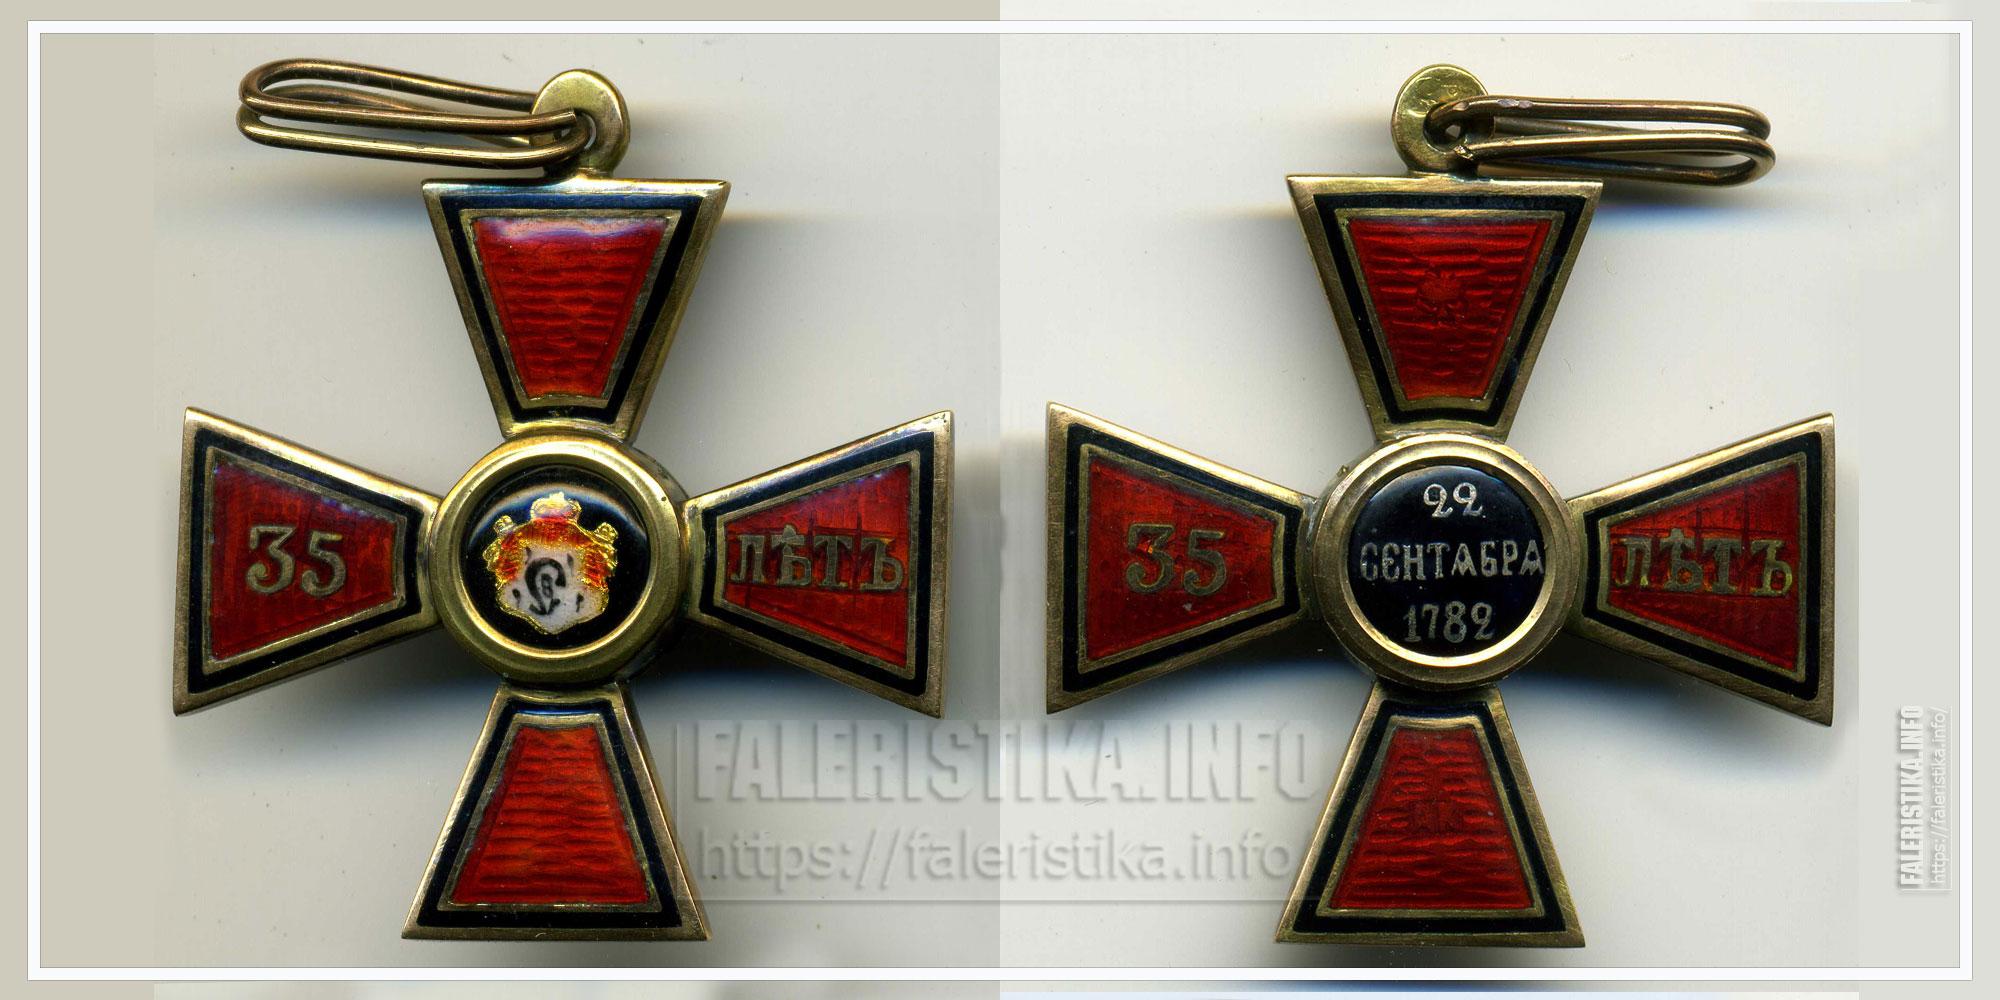 Орден Святого Владимира 4 степени за выслугу 35 лет